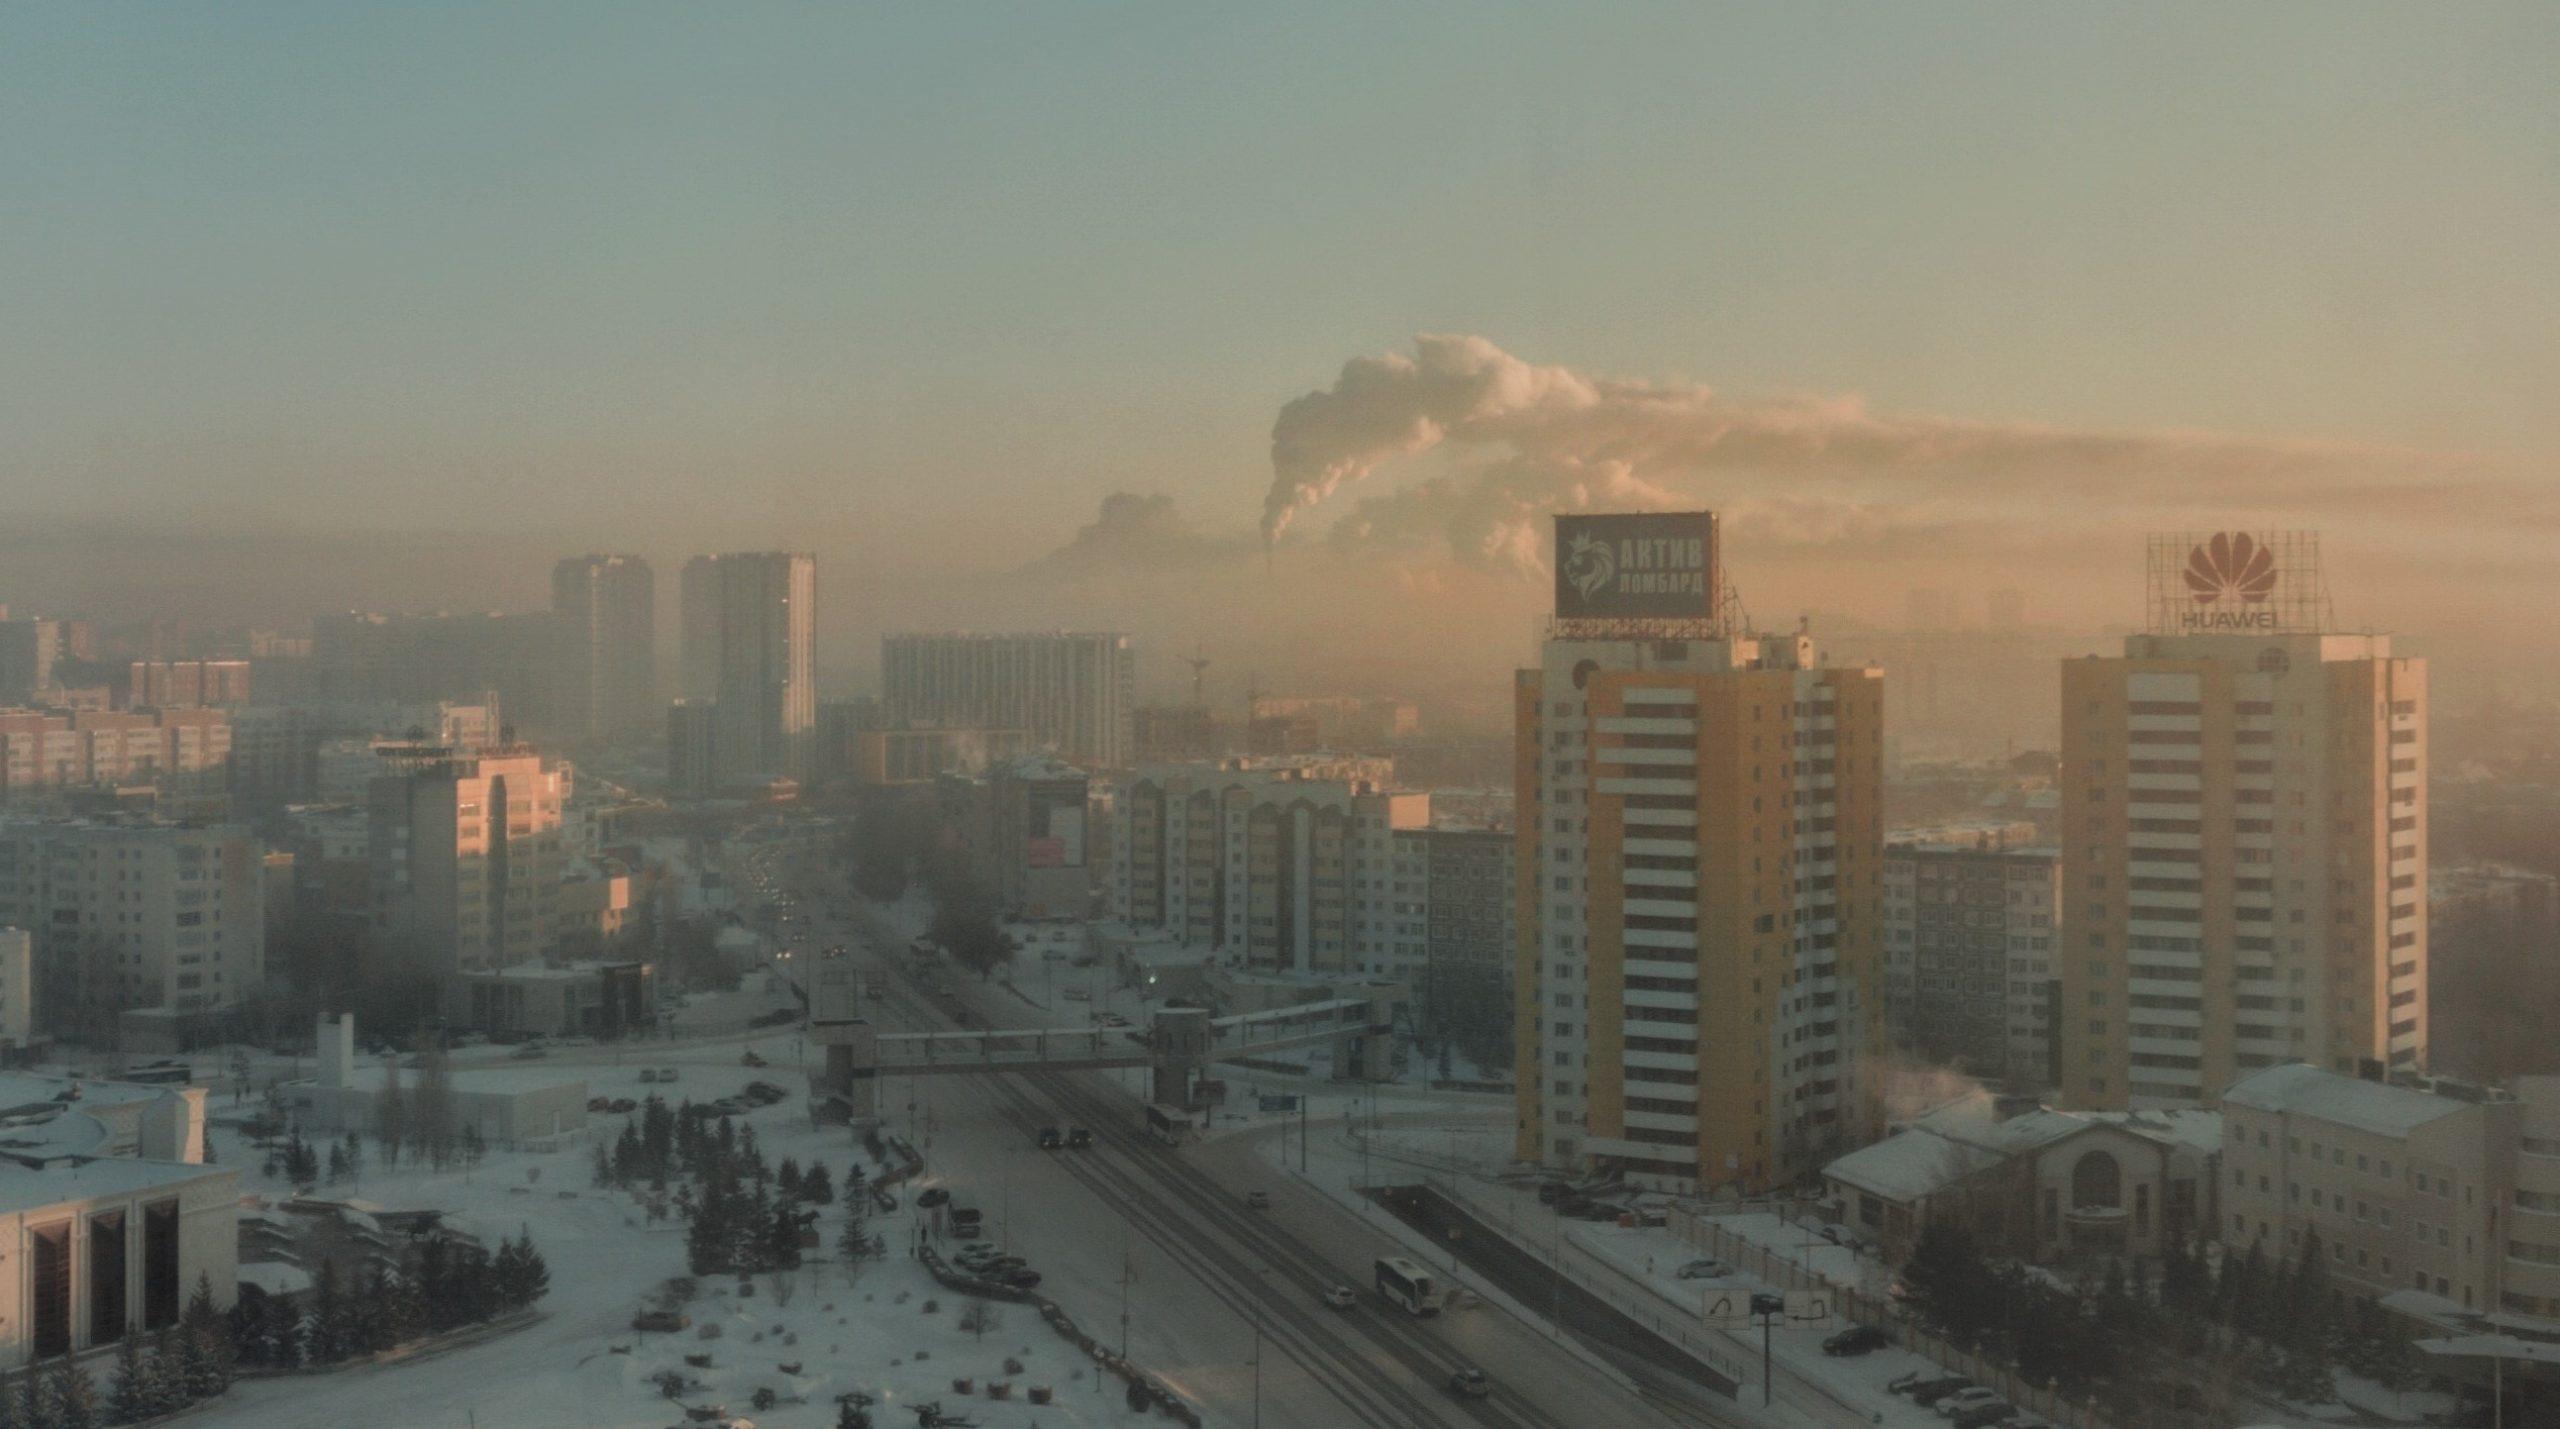 Maisemia suurlähetystöstä – taustalla kaupungin laitamilla sijaitseva energialaitos. Kuva: Darkhan Kussainov .